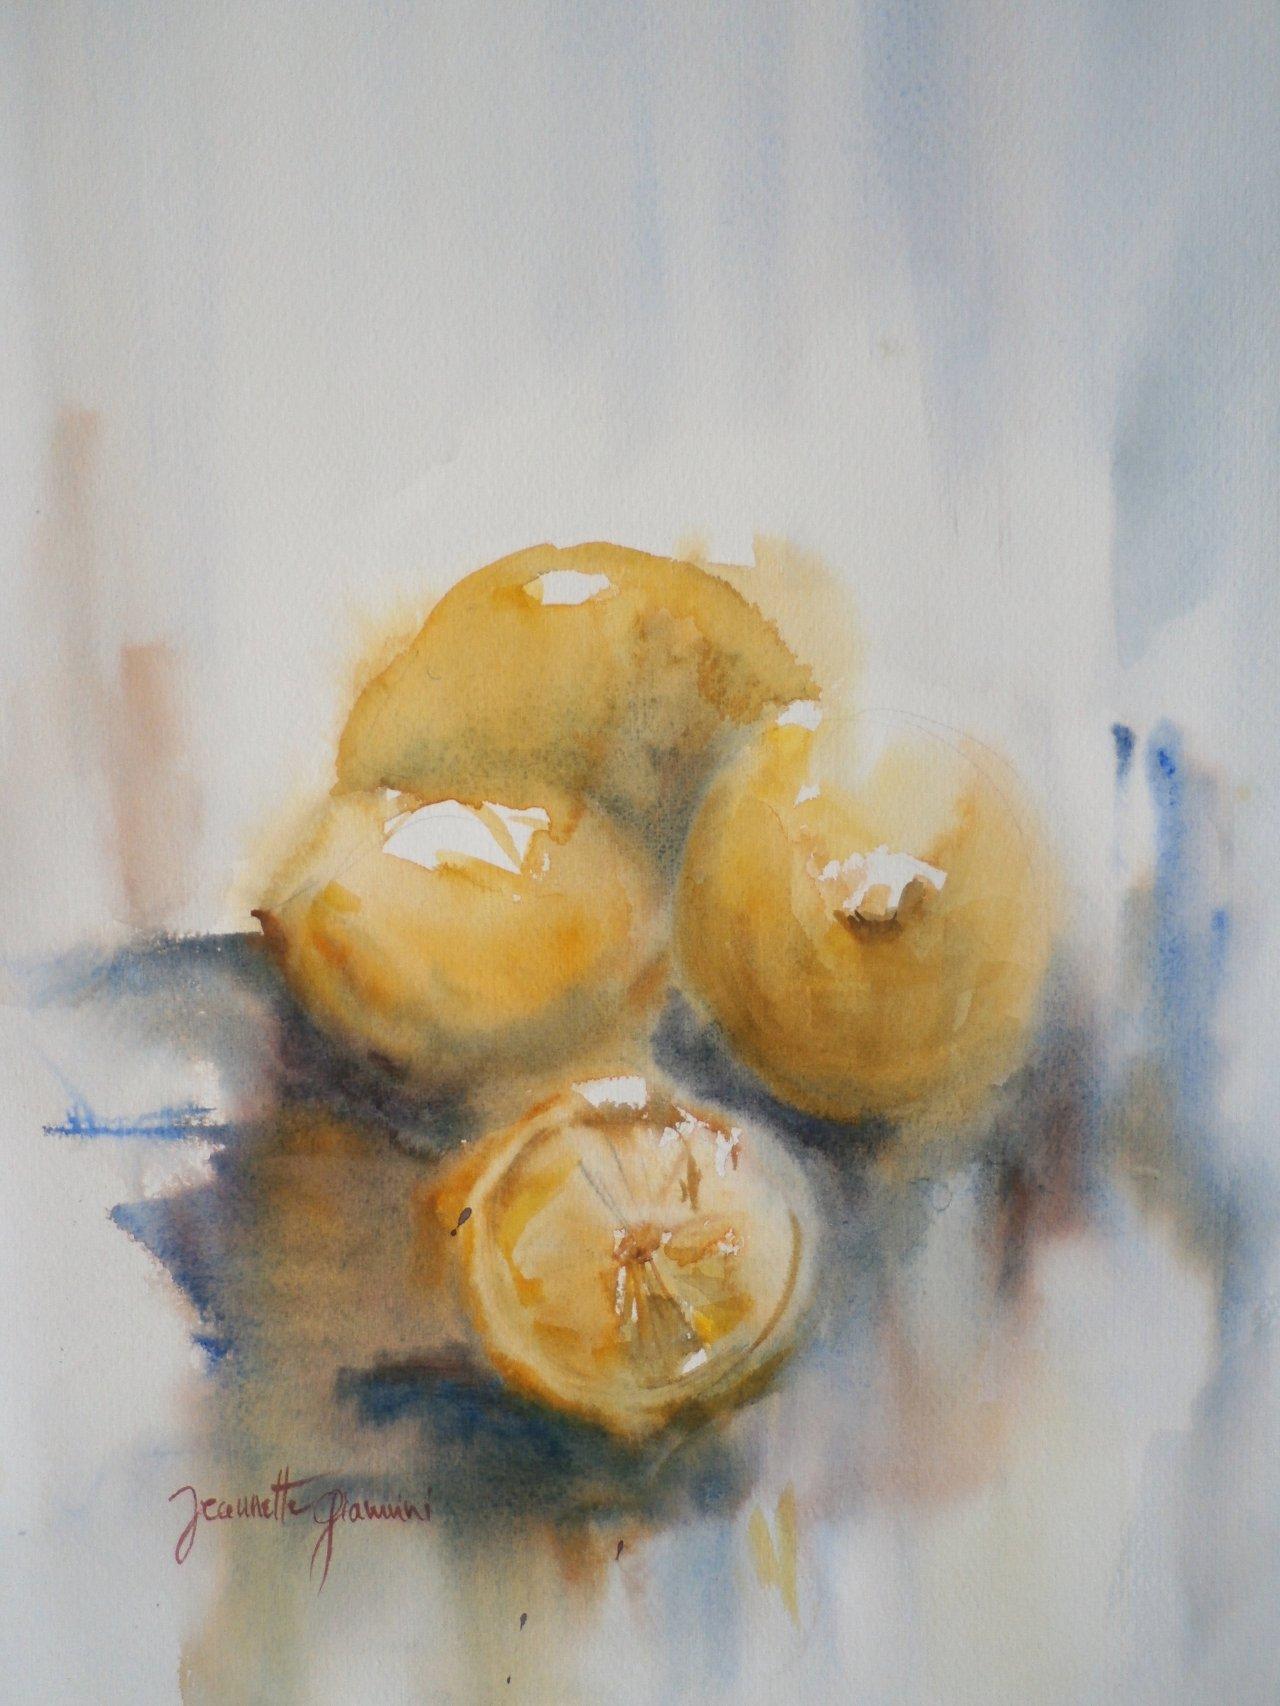 Les ' 4 citrons